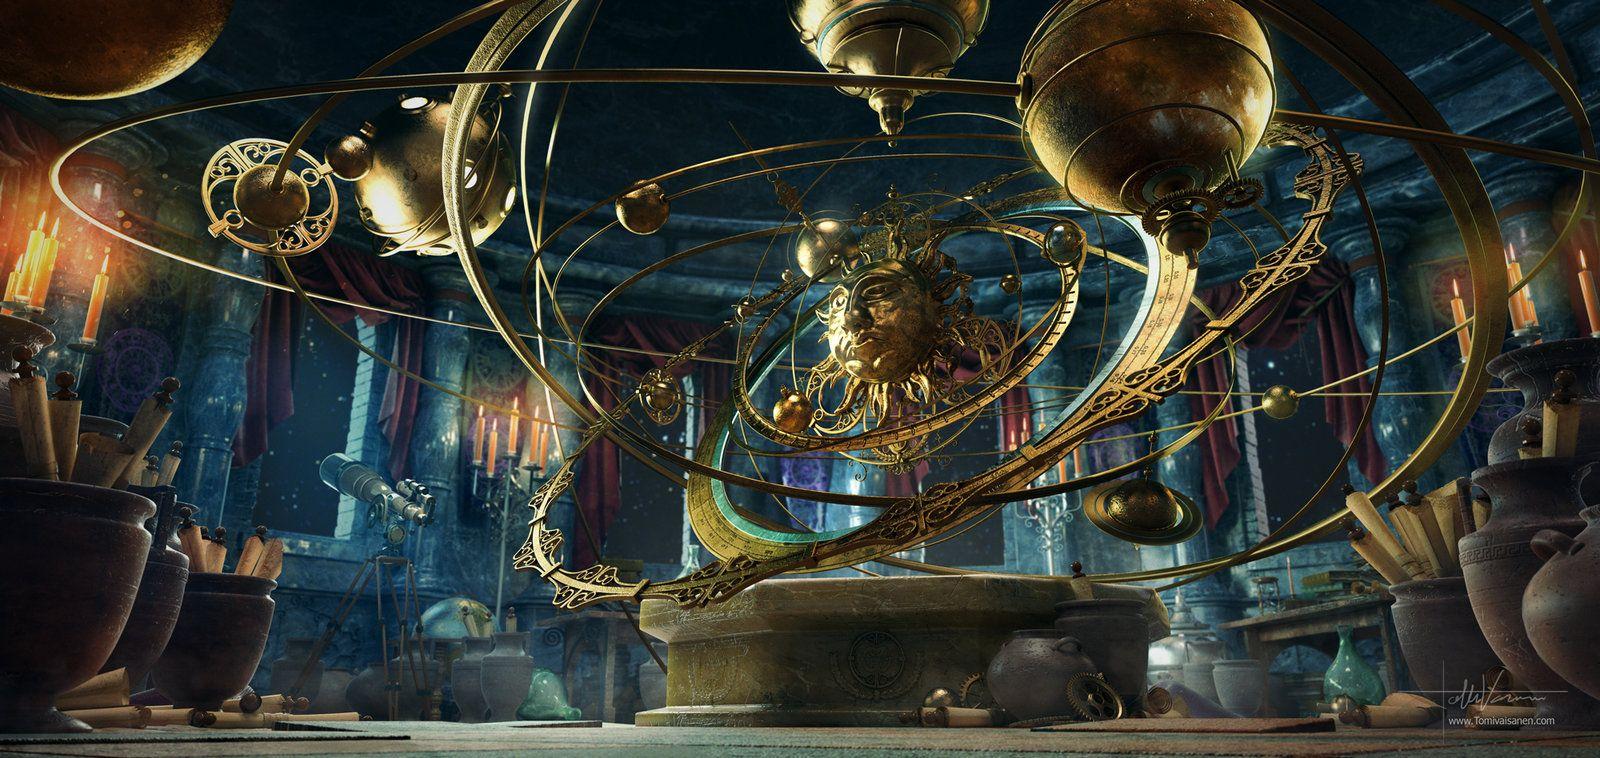 medium resolution of planetarium by darkki1 alchemist wizard sorcerer warlock lab laboratory workshop landscape location environment architecture create your own roleplaying